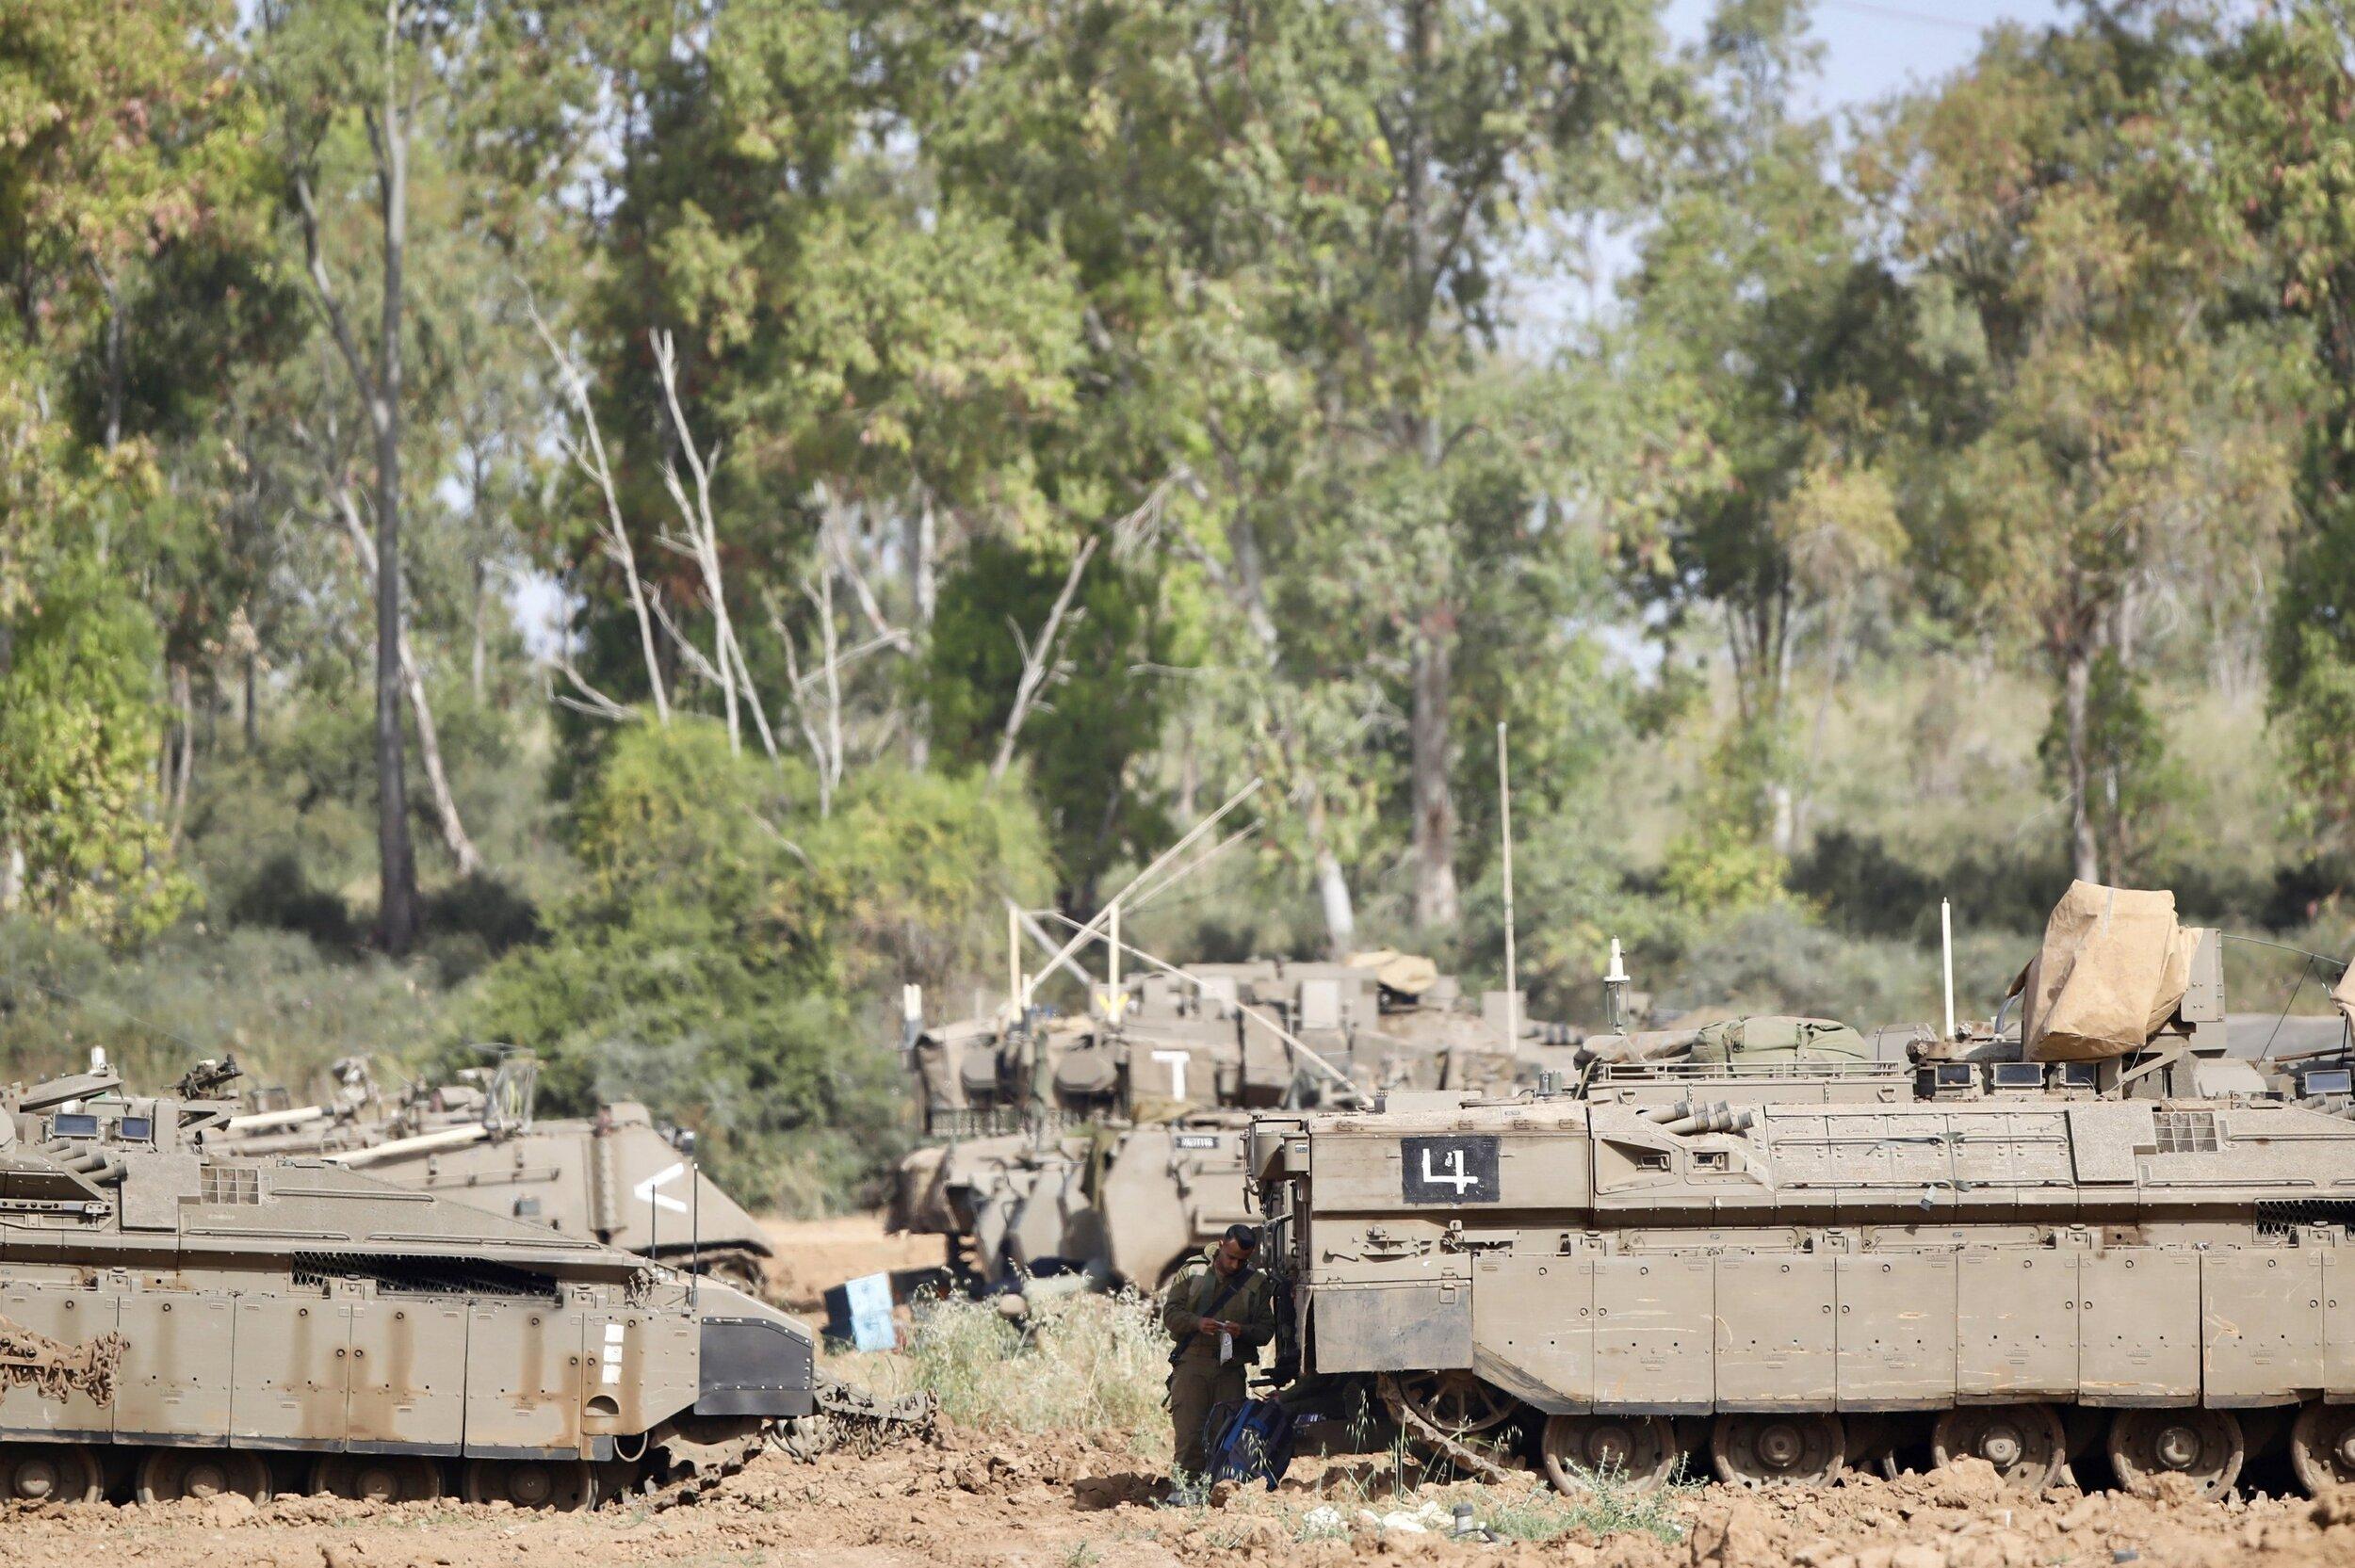 May 6, 2019, at the Israel-Gaza border